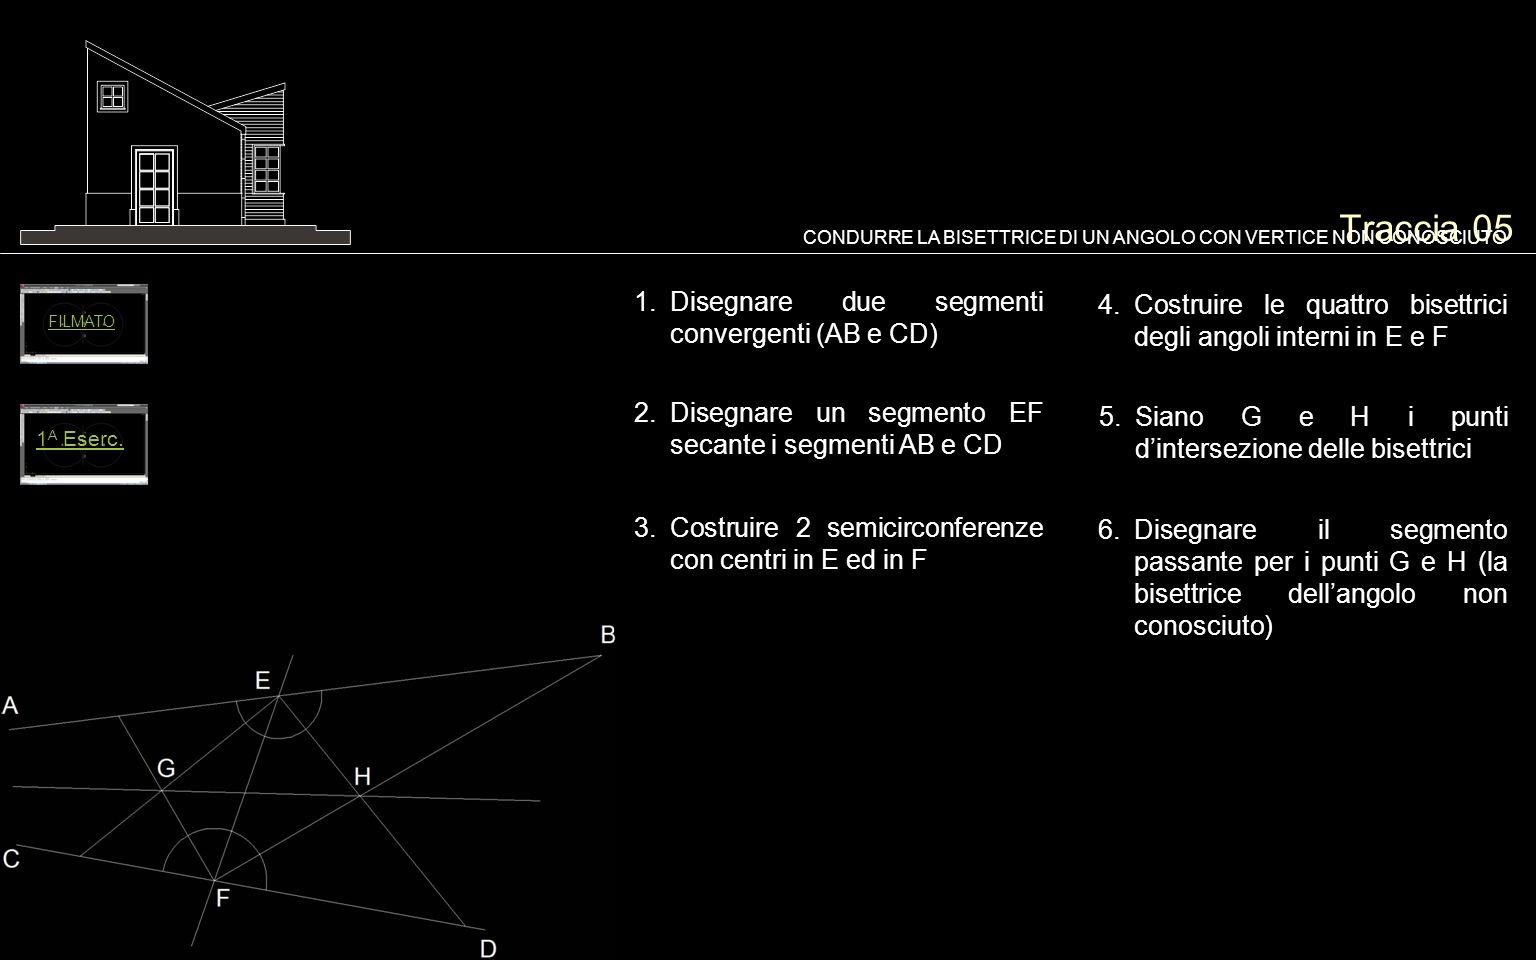 Traccia 05 1.Disegnare due segmenti convergenti (AB e CD) CONDURRE LA BISETTRICE DI UN ANGOLO CON VERTICE NON CONOSCIUTO 2.Disegnare un segmento EF se